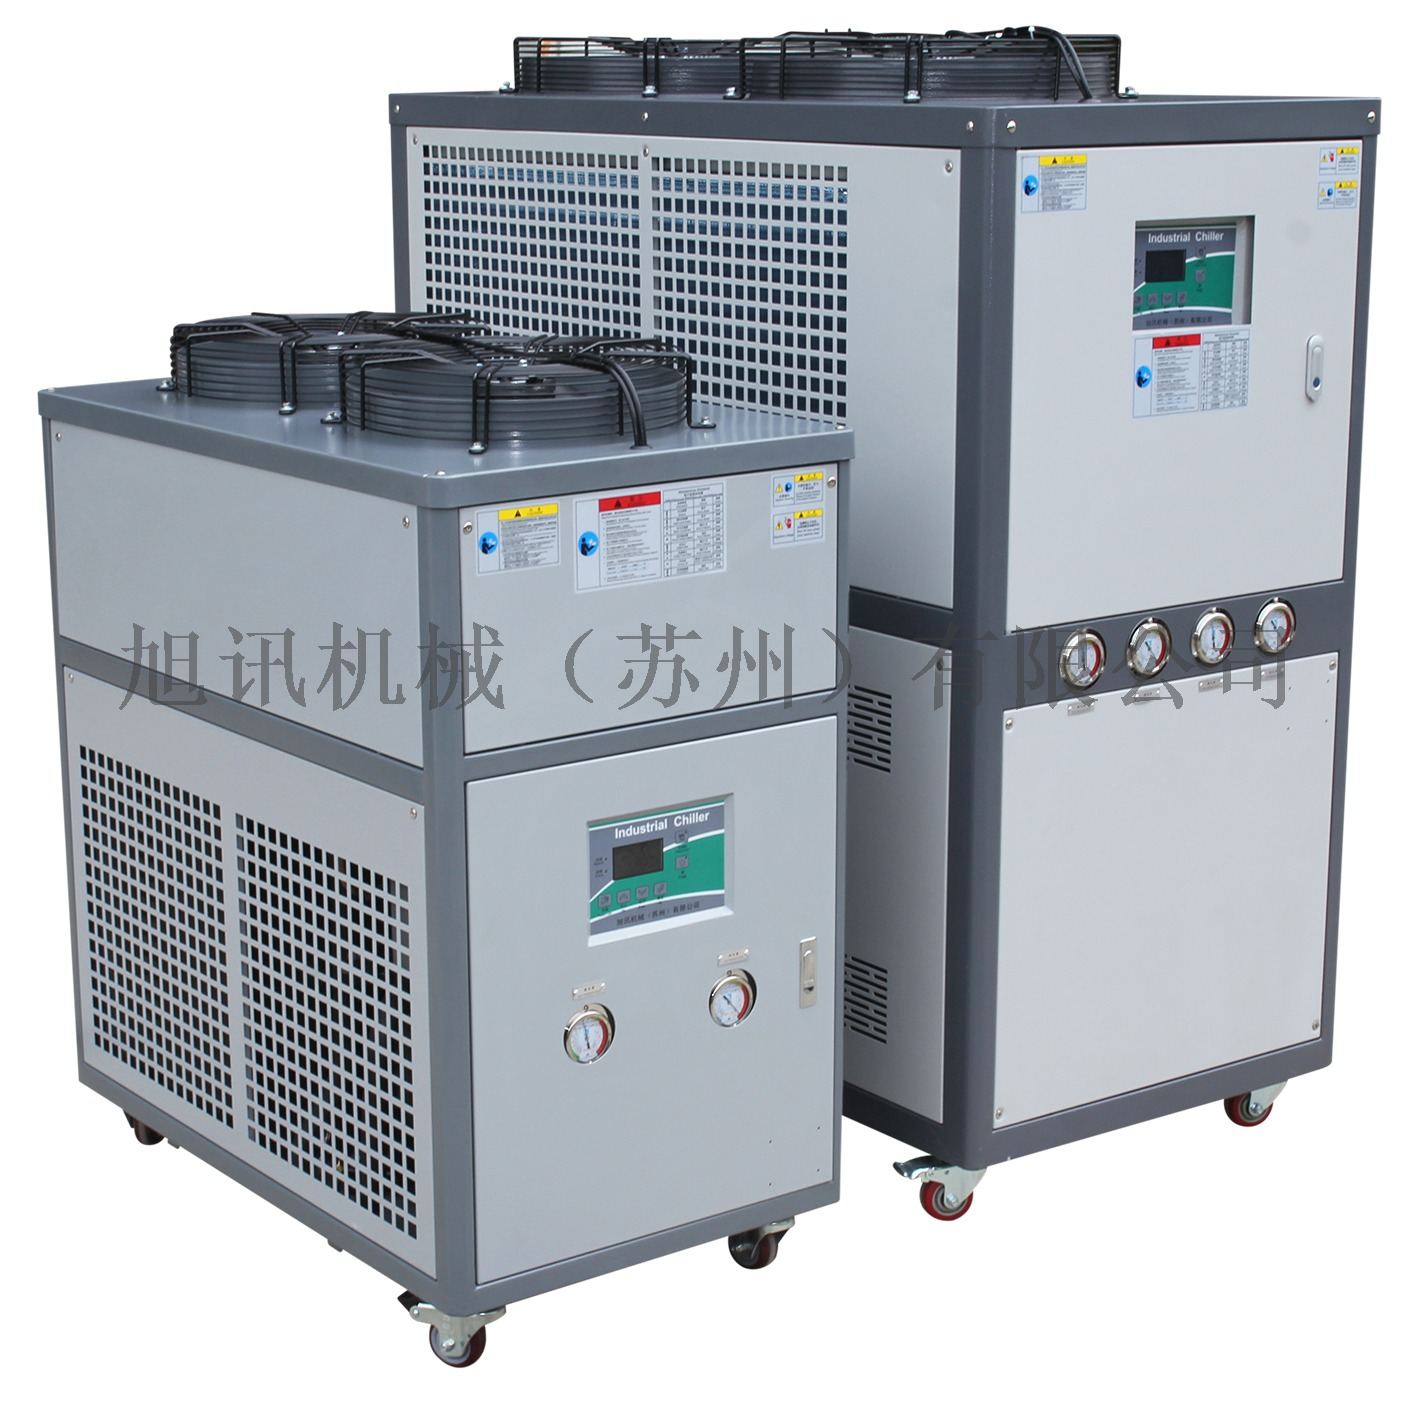 小型冷水机厂家 苏州节能环保冷水机厂家120406525